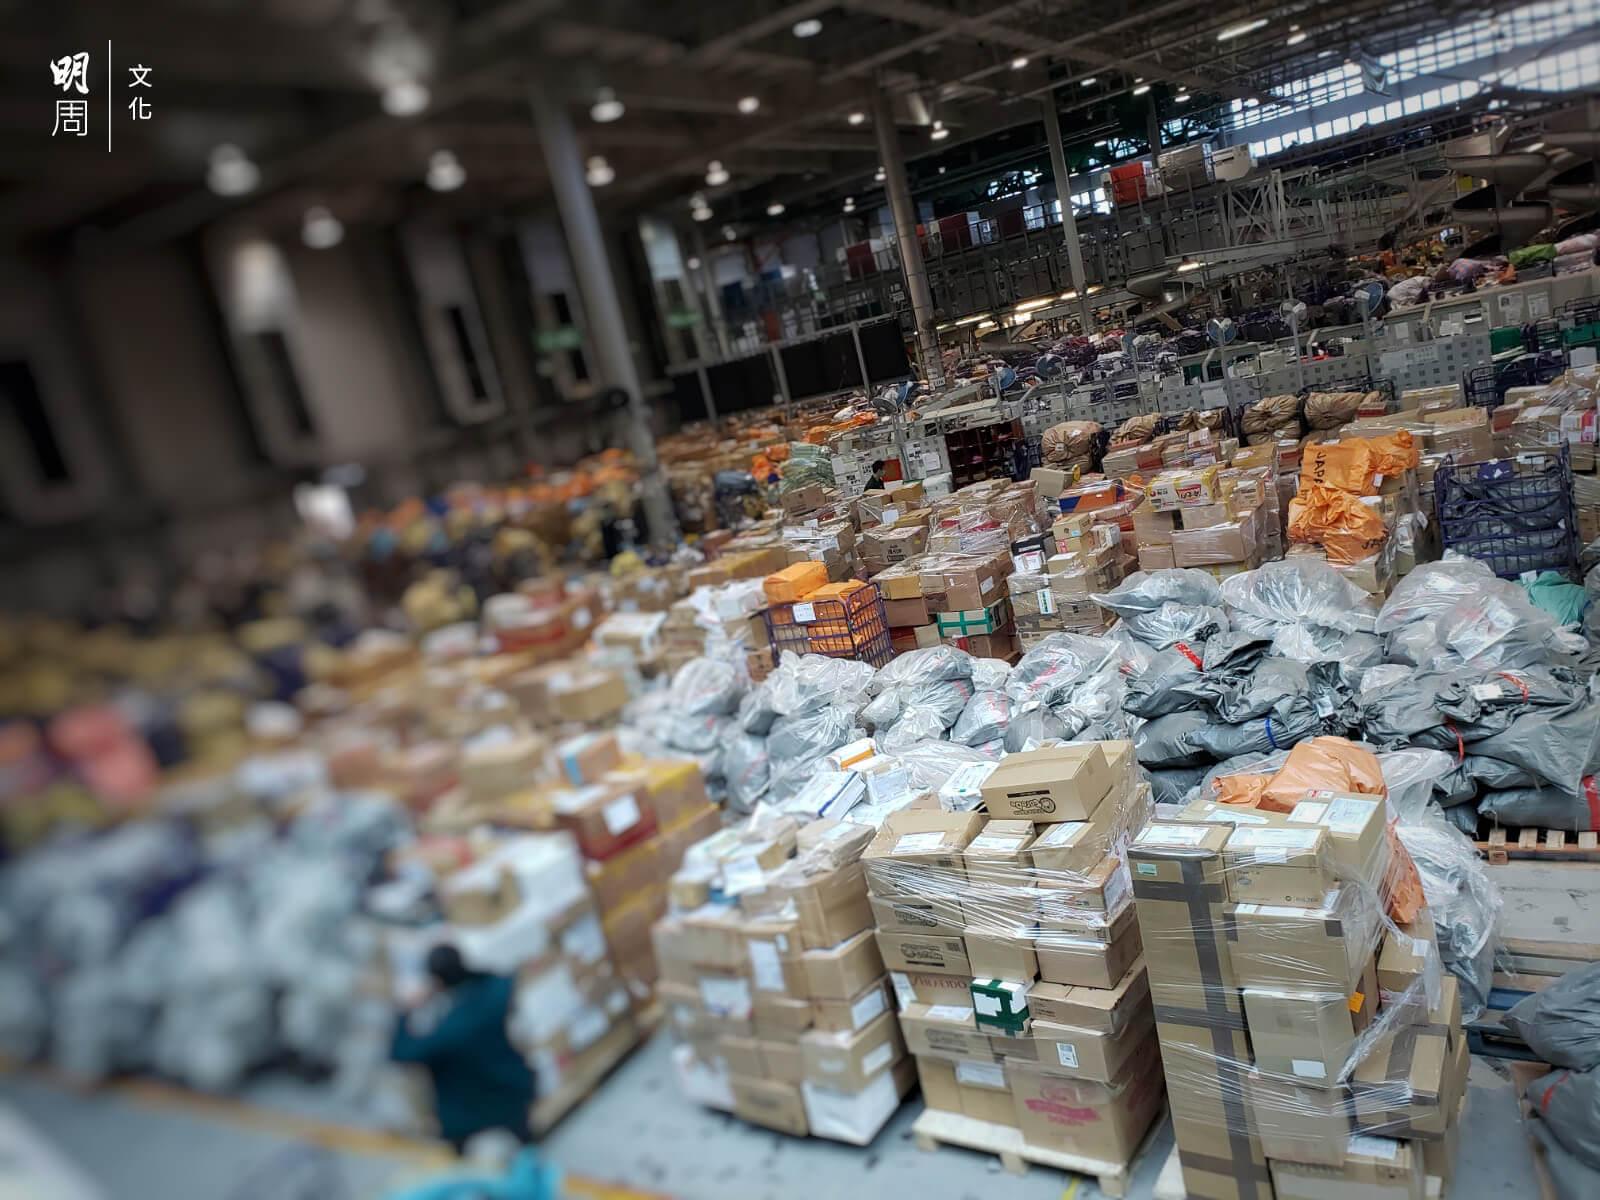 位於機場的空運中心,堆滿大型貨物。